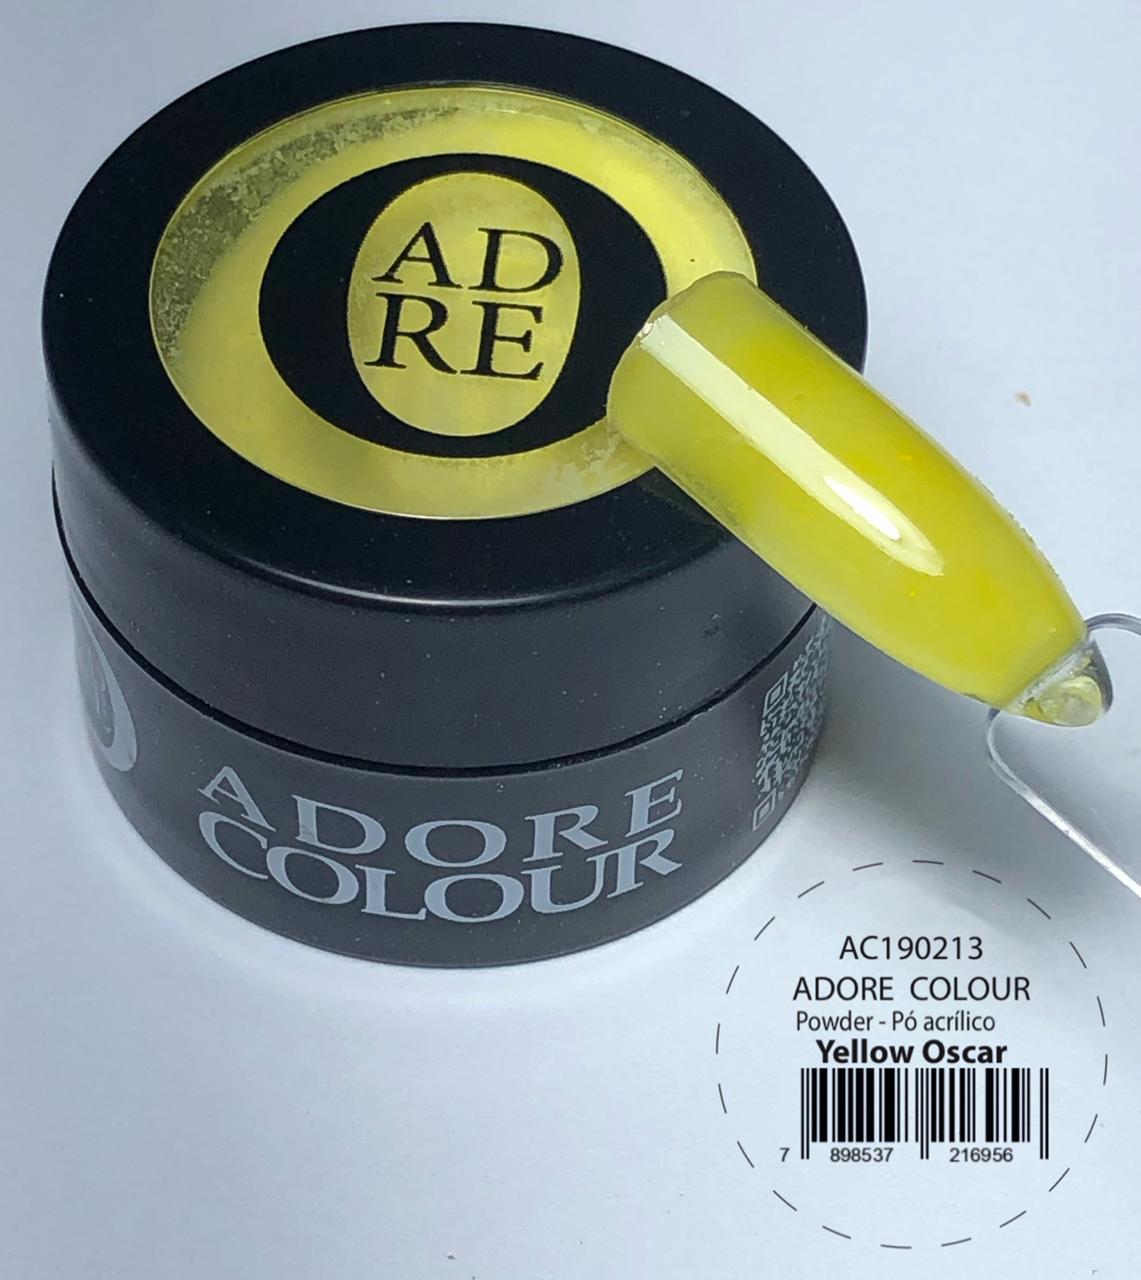 Pó Acrílico Adore Colour Powder - Yellow Oscar (5g)